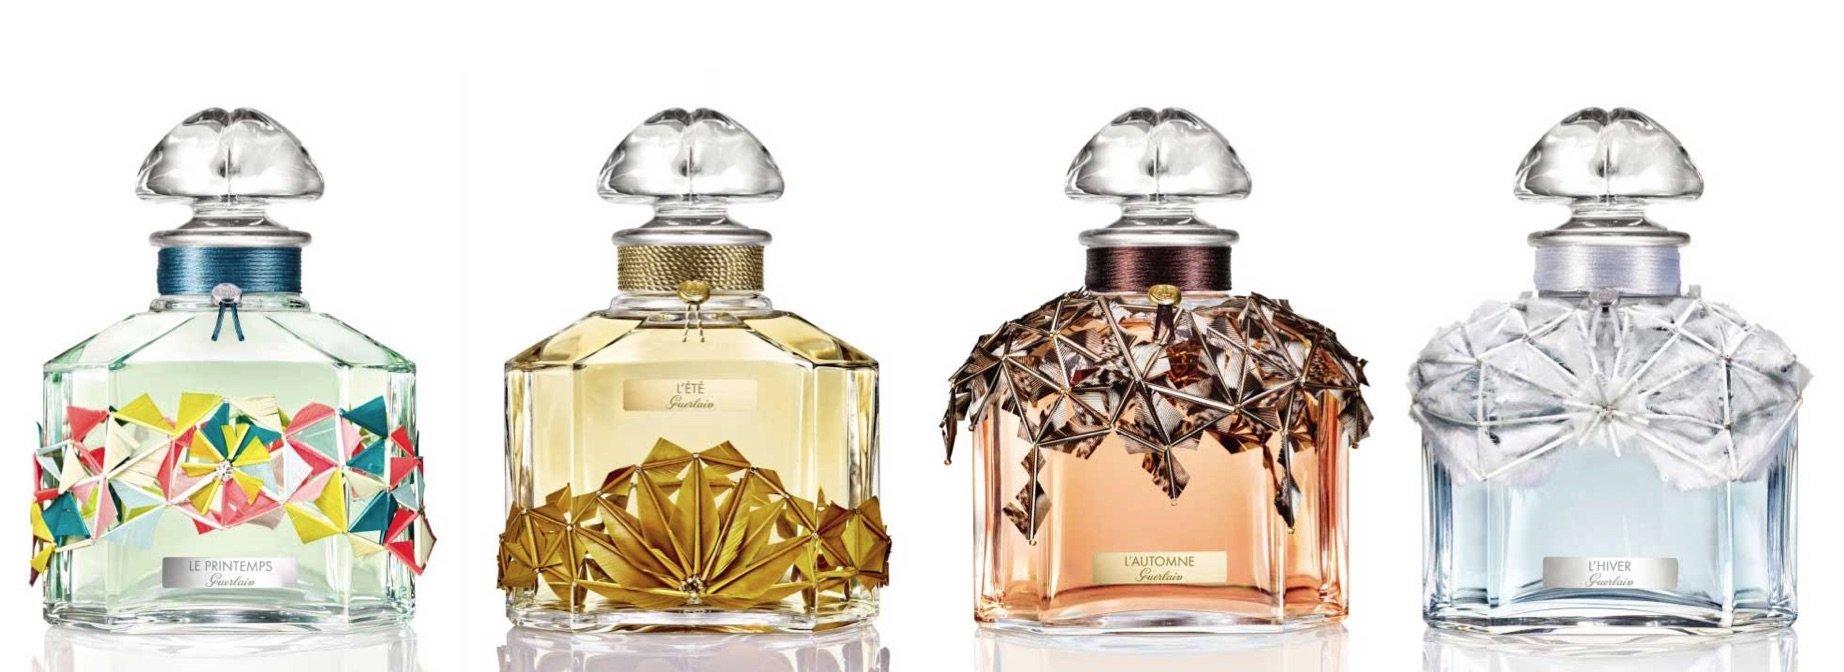 Guerlain crea una colección de fragancias inspiradas en las cuatro estaciones del año